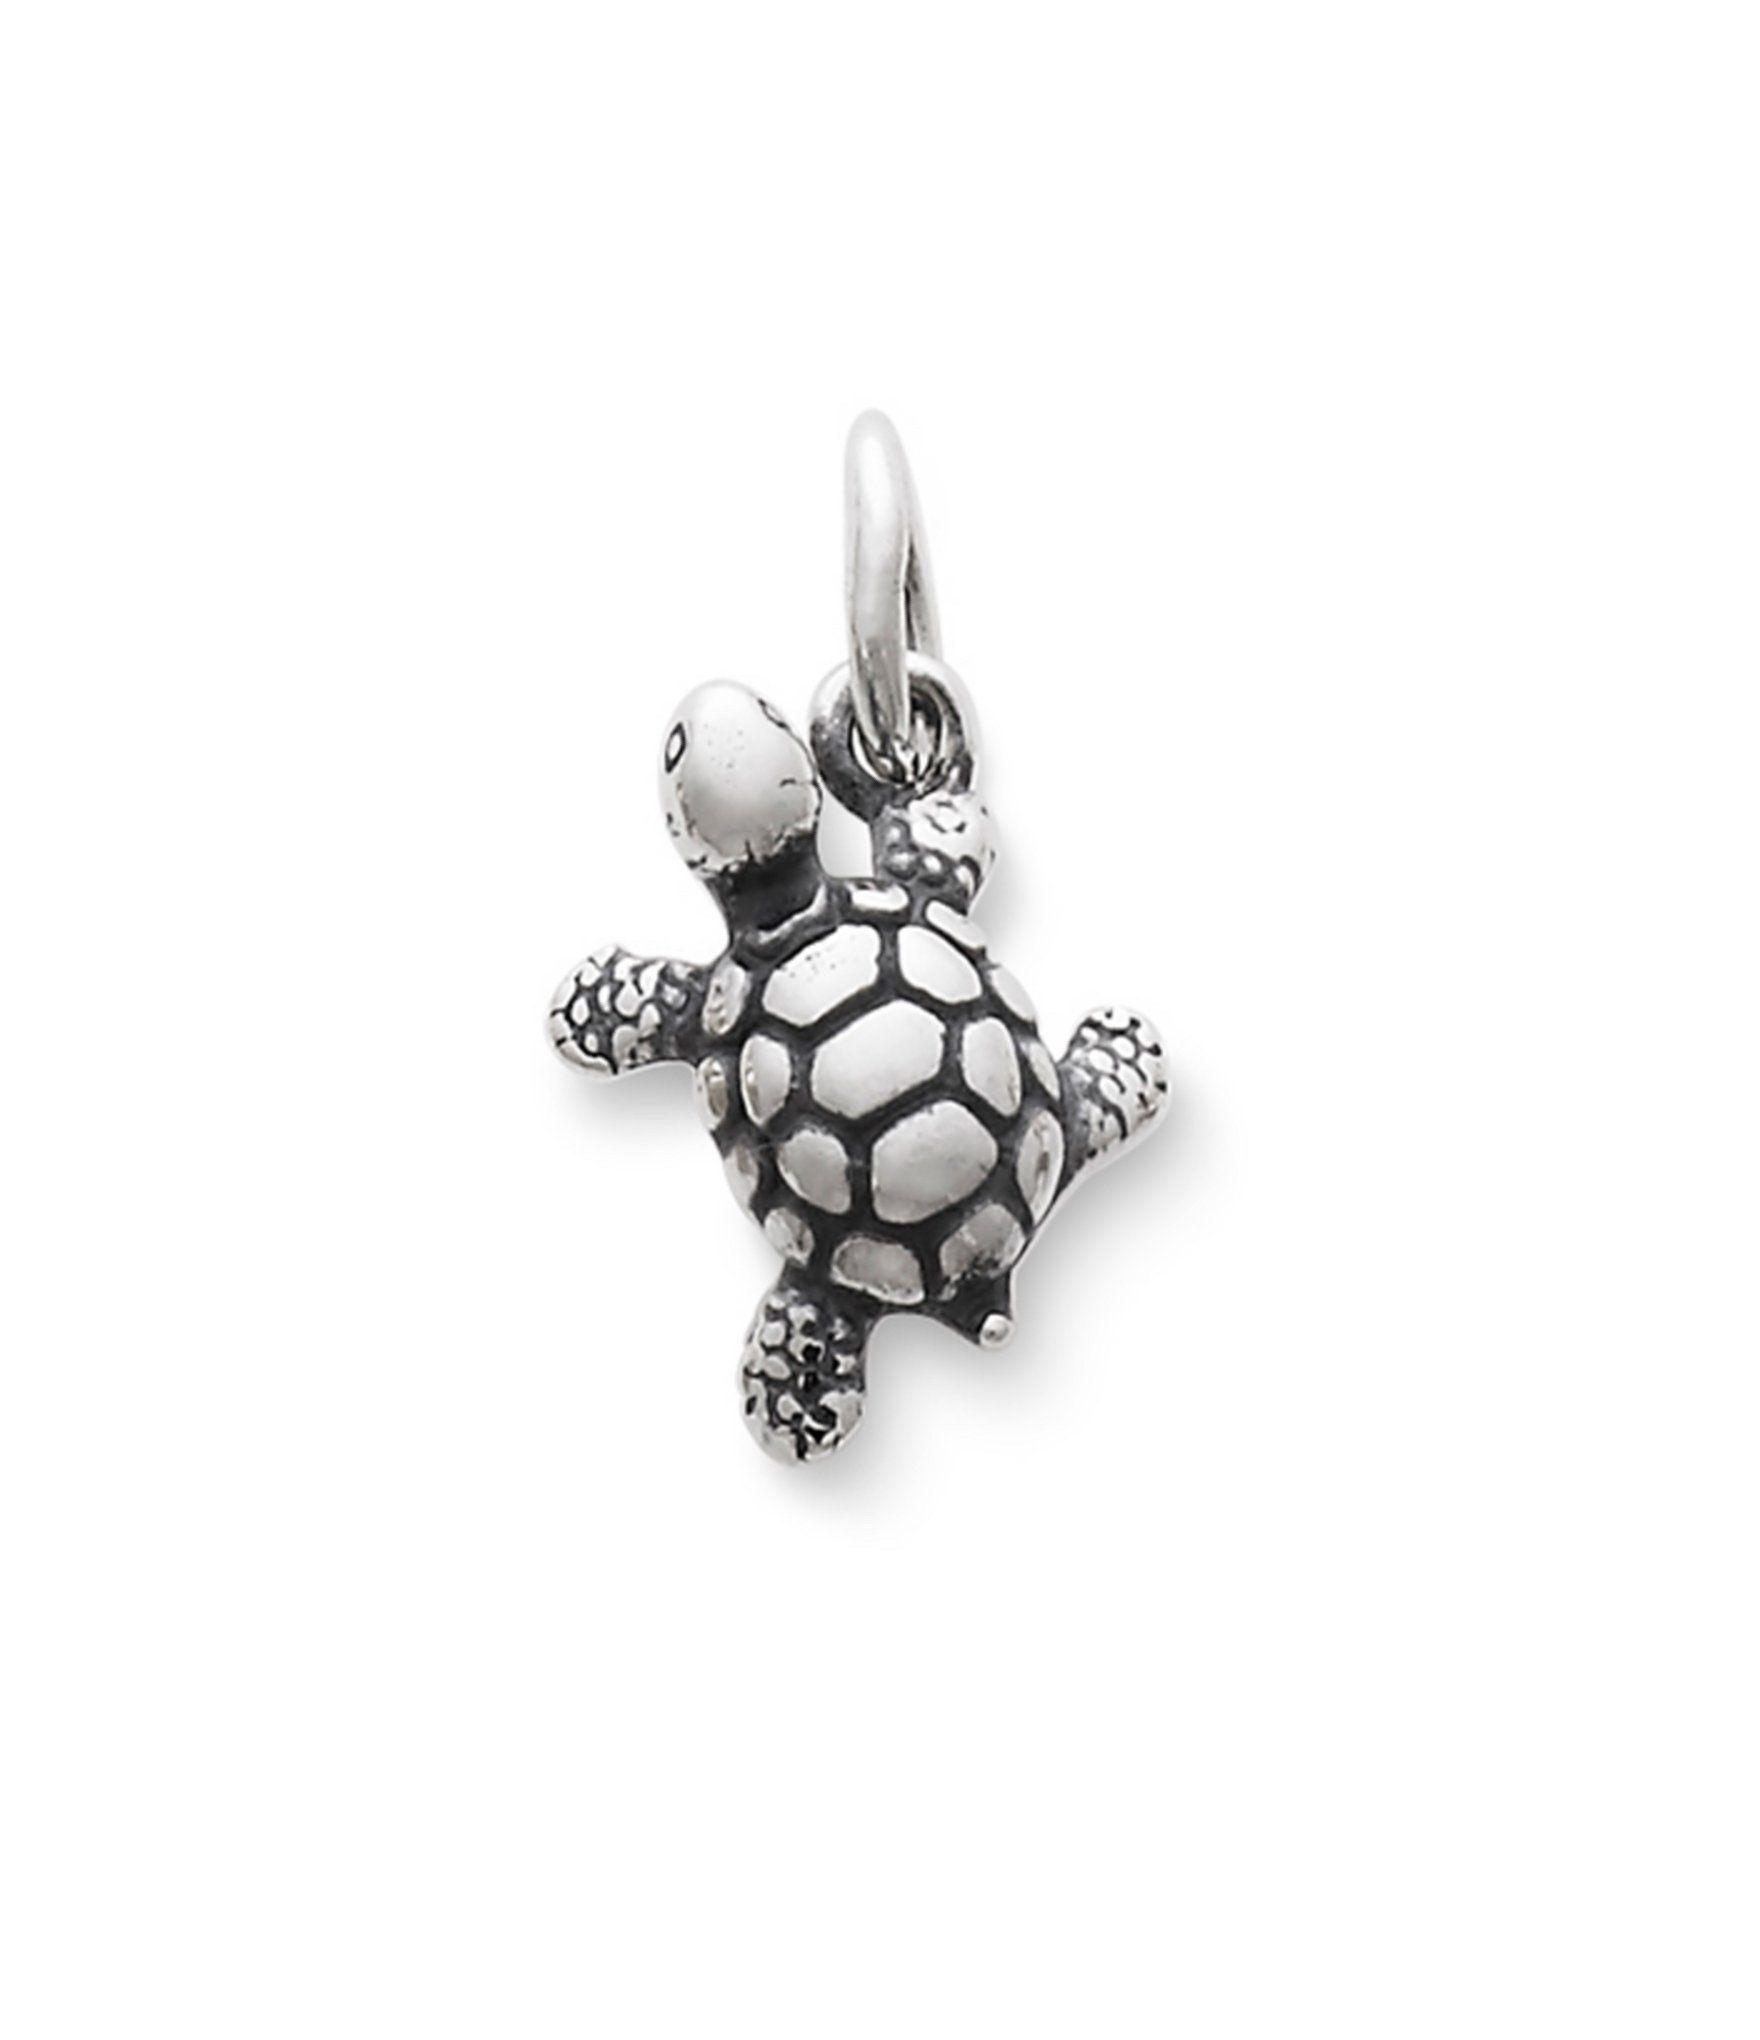 Pandora bracelet dillards - Bling Bling